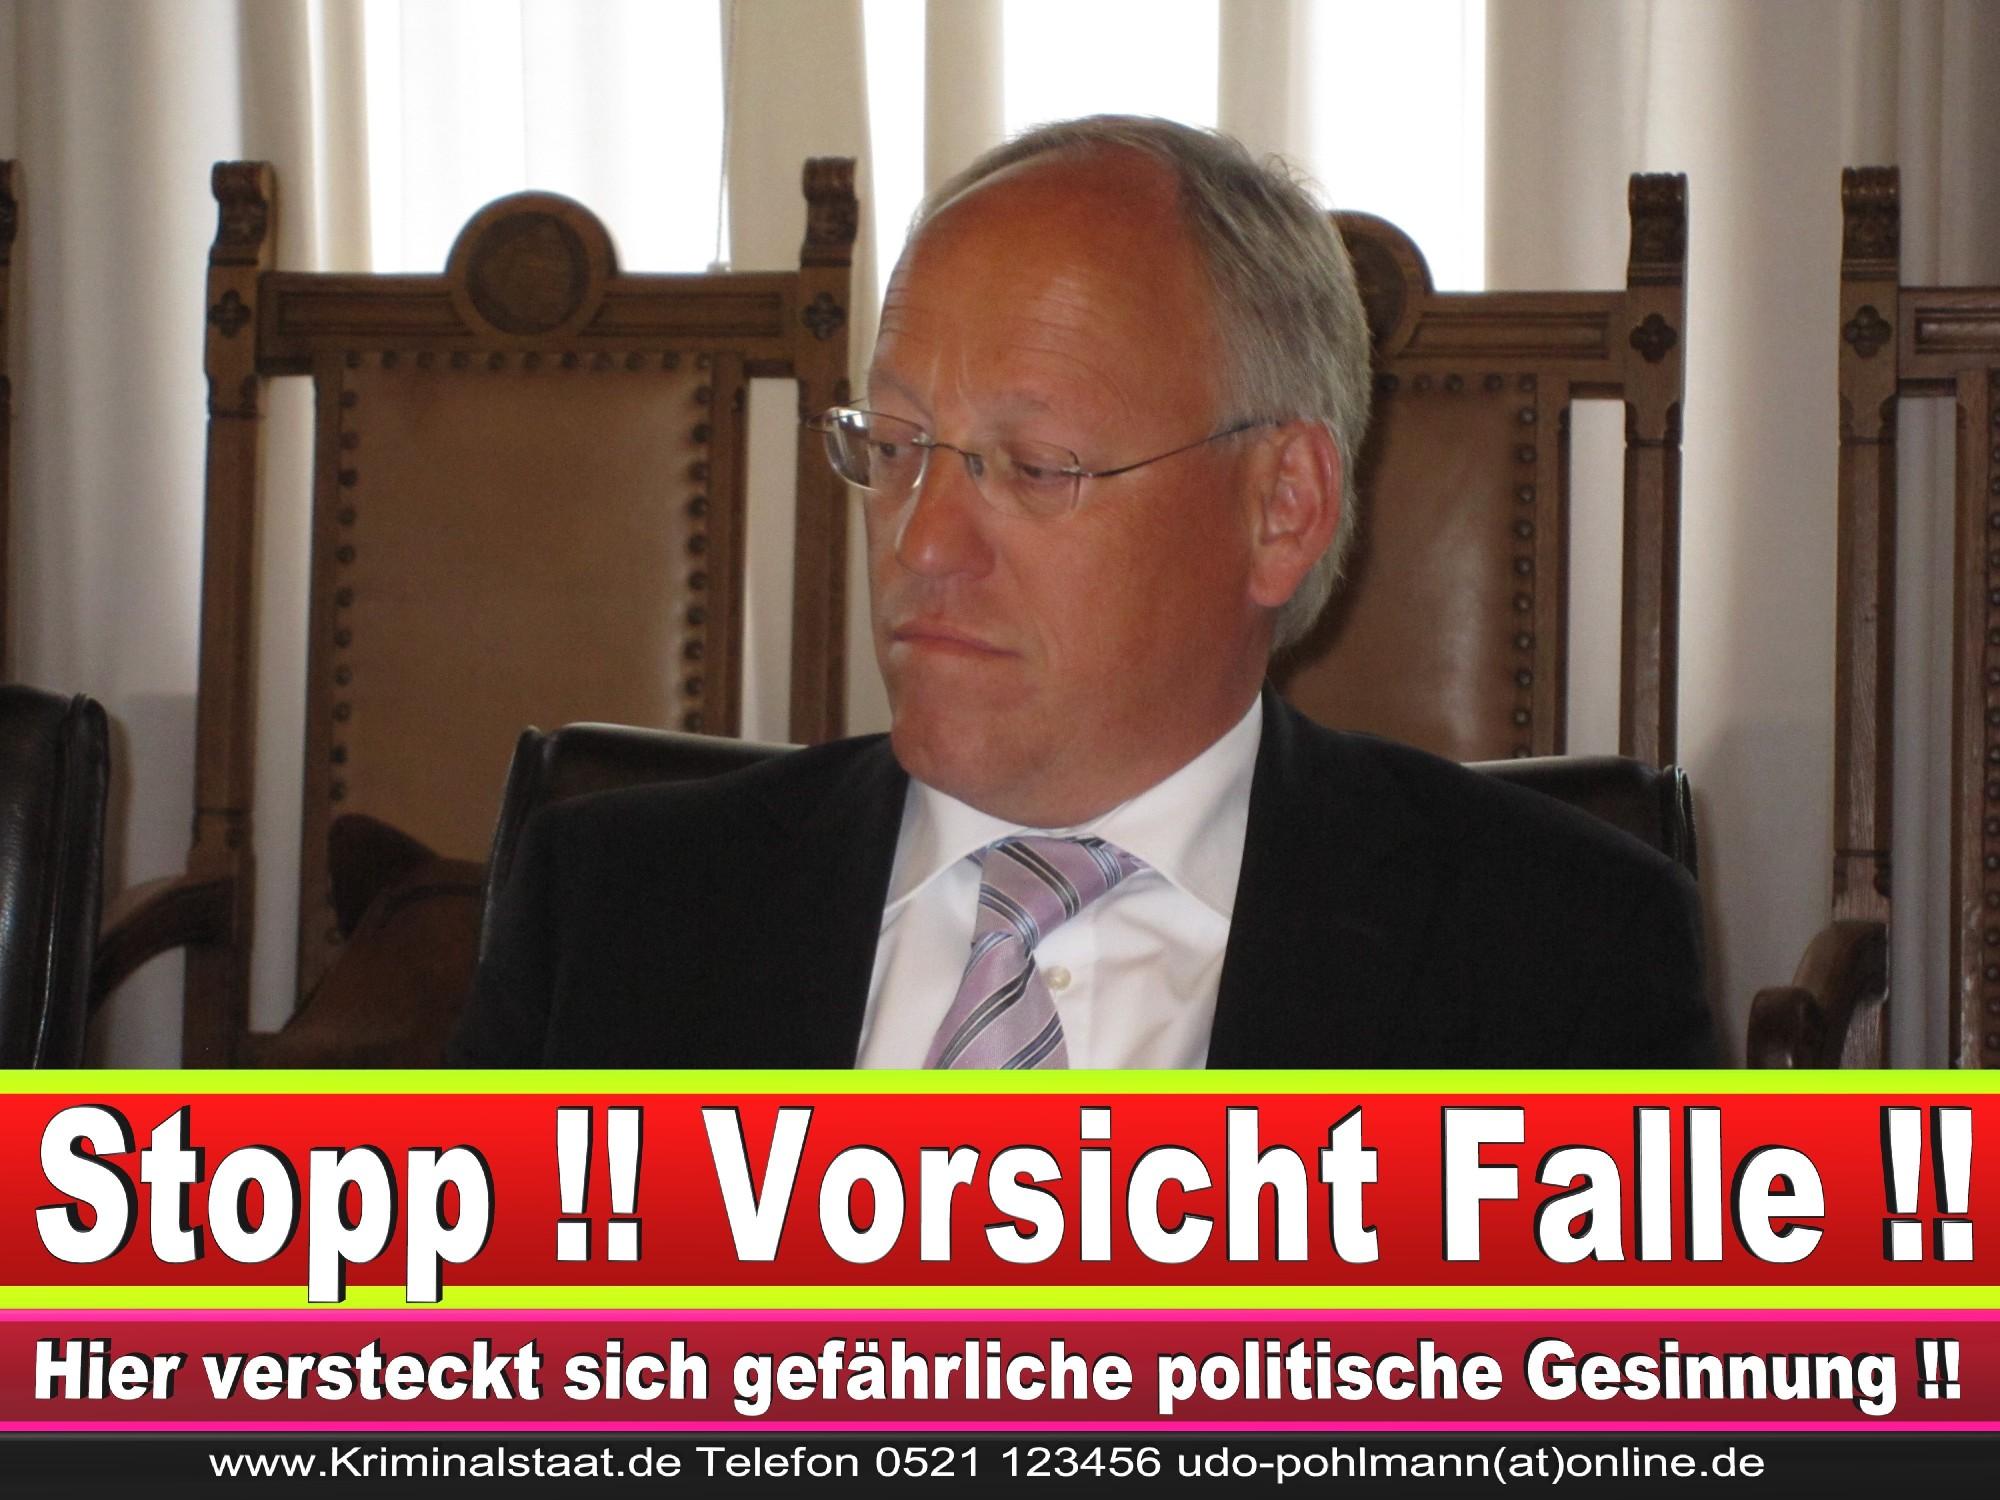 Polizeipräsident Erwin Südfeld Bielefeld Oberbürgermeister Bürgermeister Peter Clausen Pit Clausen Bielefeld (25)